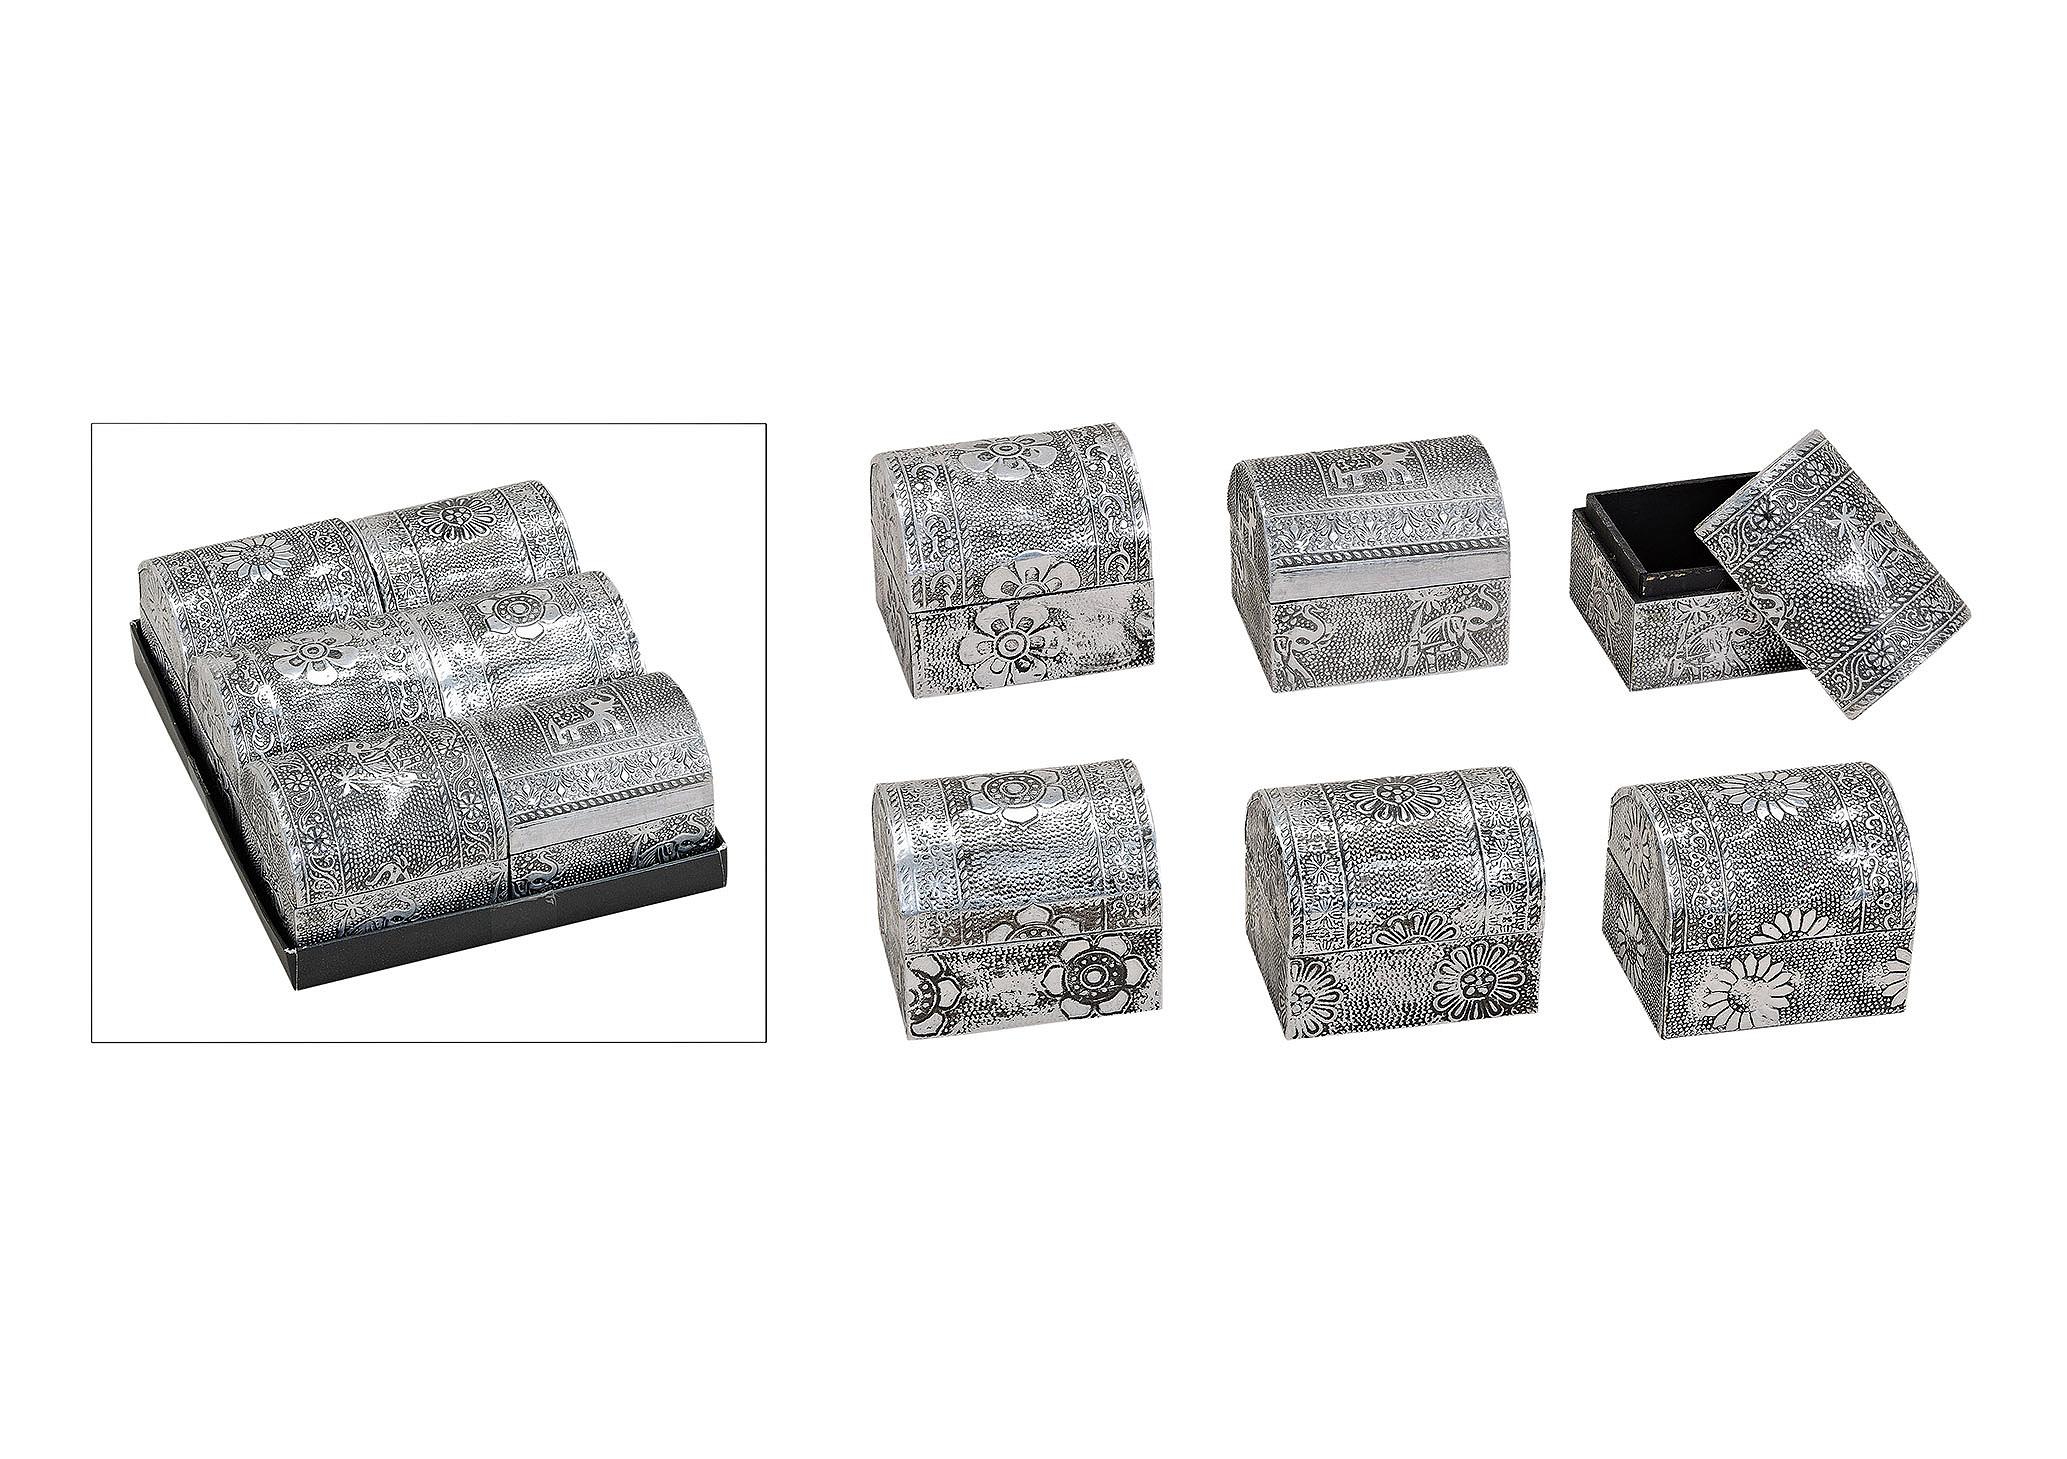 šperkovnice ORIENTAL 8x6x6 cm, kov a dřevo - 6 druhů